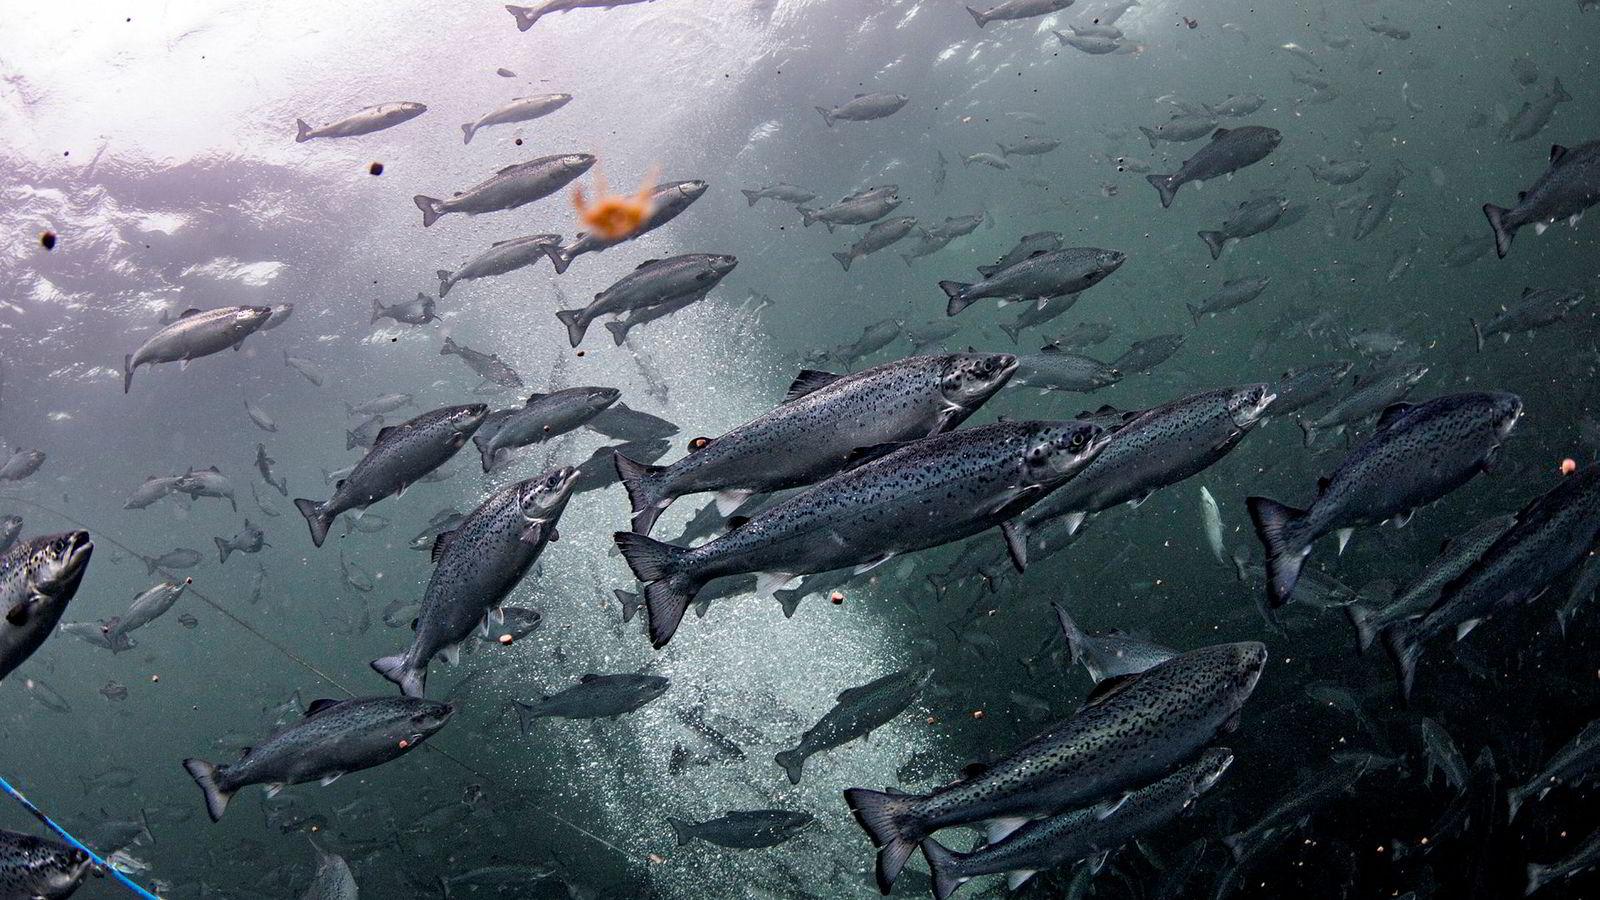 En ny EU-forordning gjør at det særnorske yrket fiskehelsebiolog mister retten til å skrive ut resept fra 2021. Det vil kunne få konsekvenser for norske selskaper som driver med oppdrett.